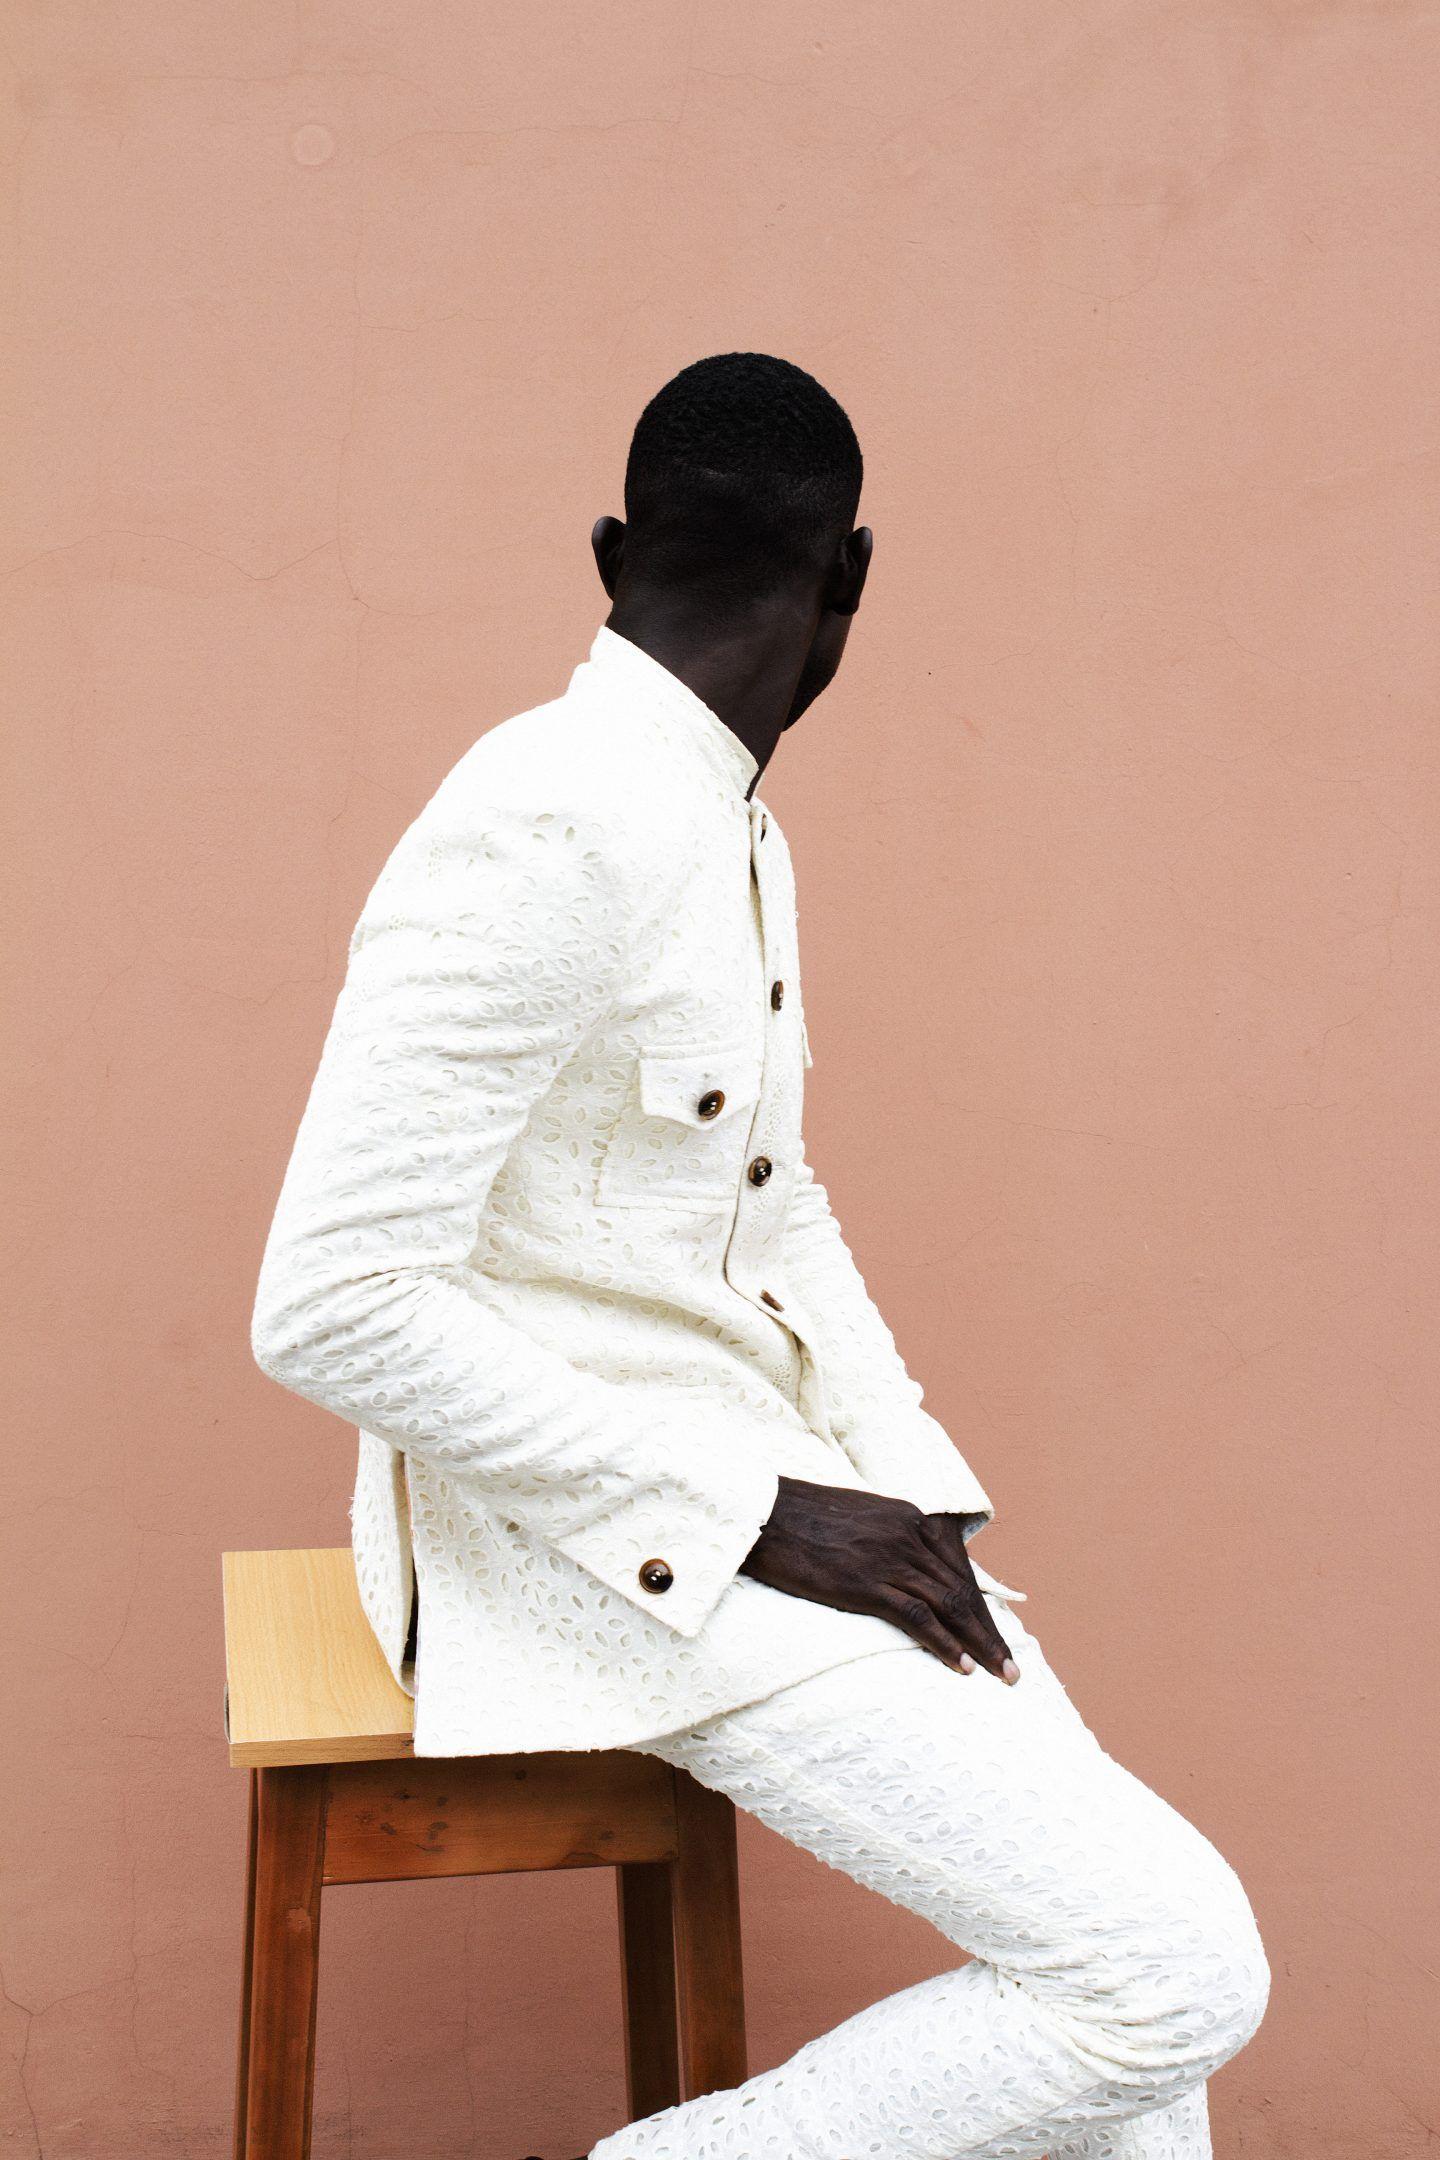 IGNANT-Photography-LakinOgunbanwo-2